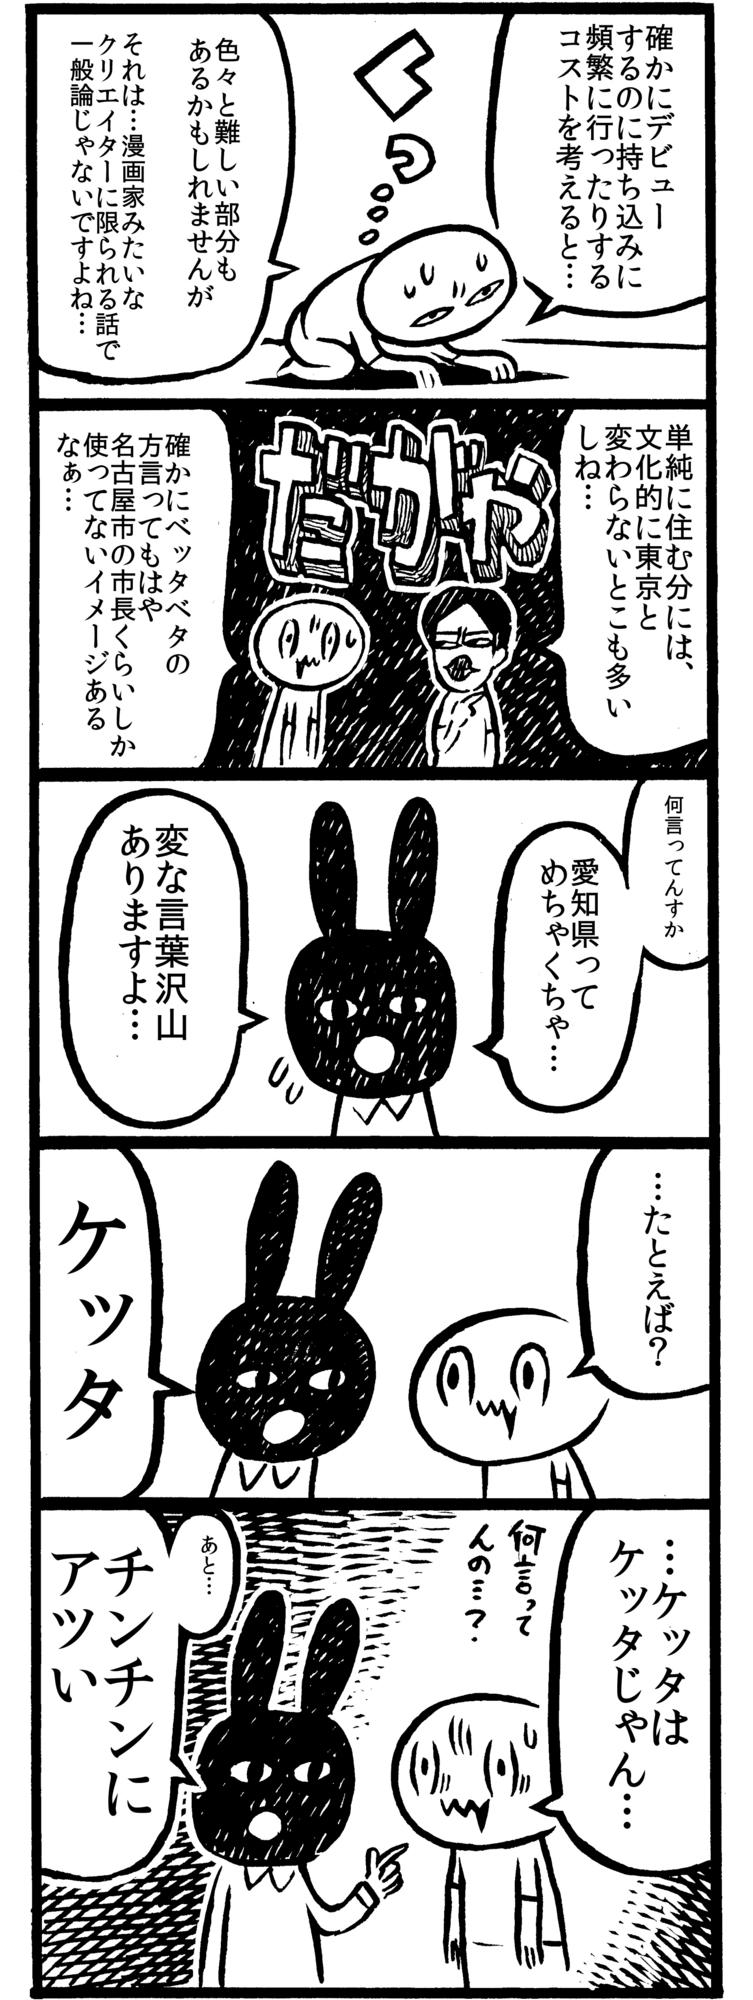 f:id:kakijiro:20160322192414j:plain